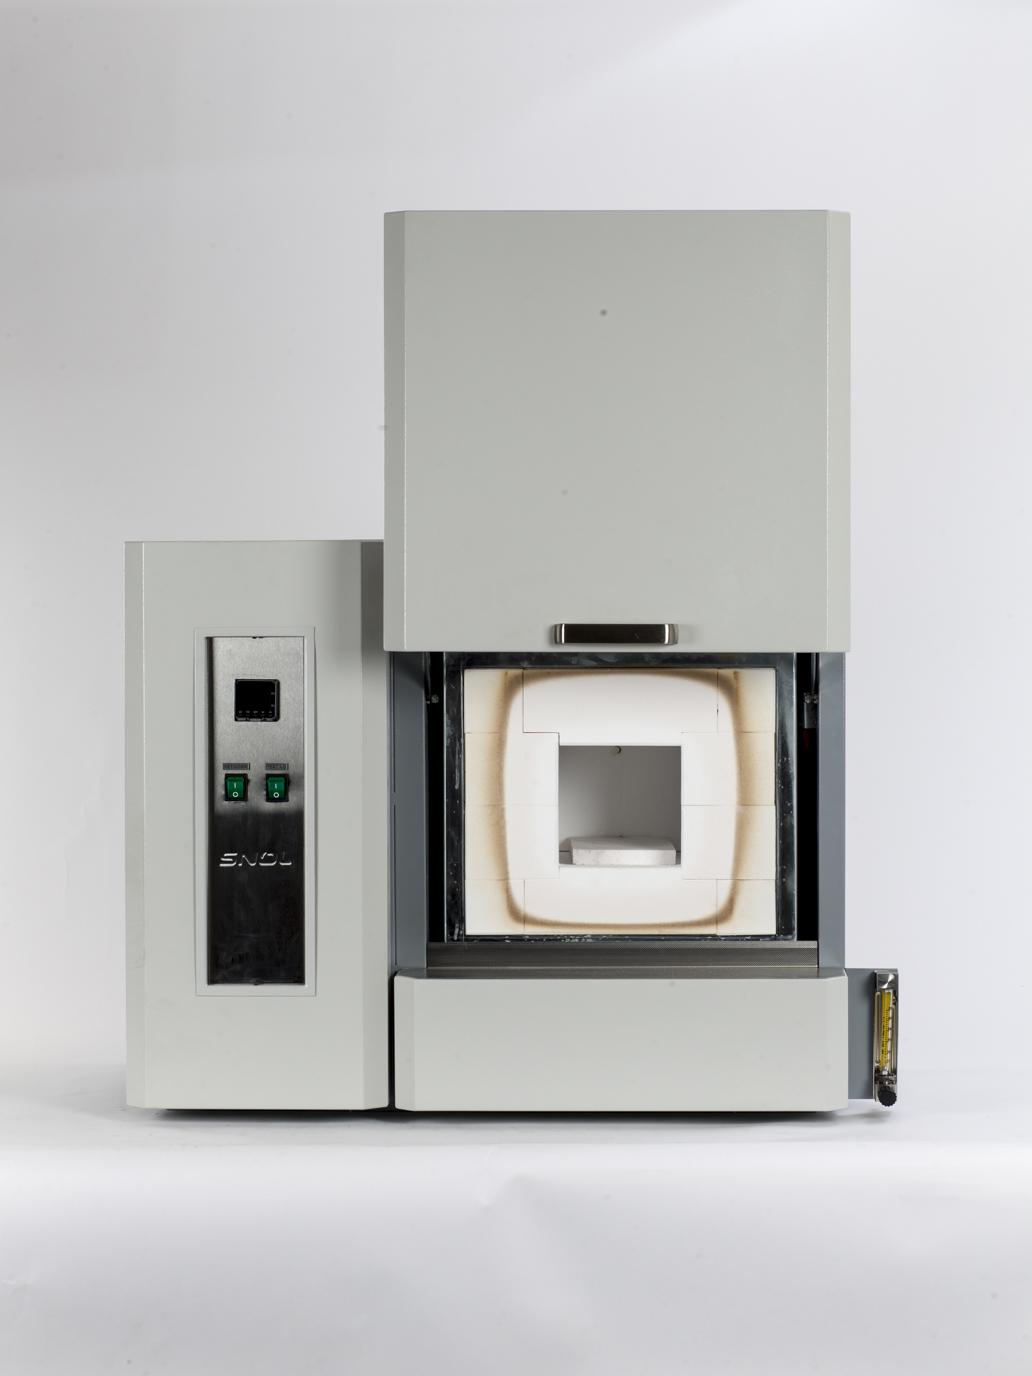 Laboratorie ovne til termisk behandling og varmebehandling, høj temperatur.